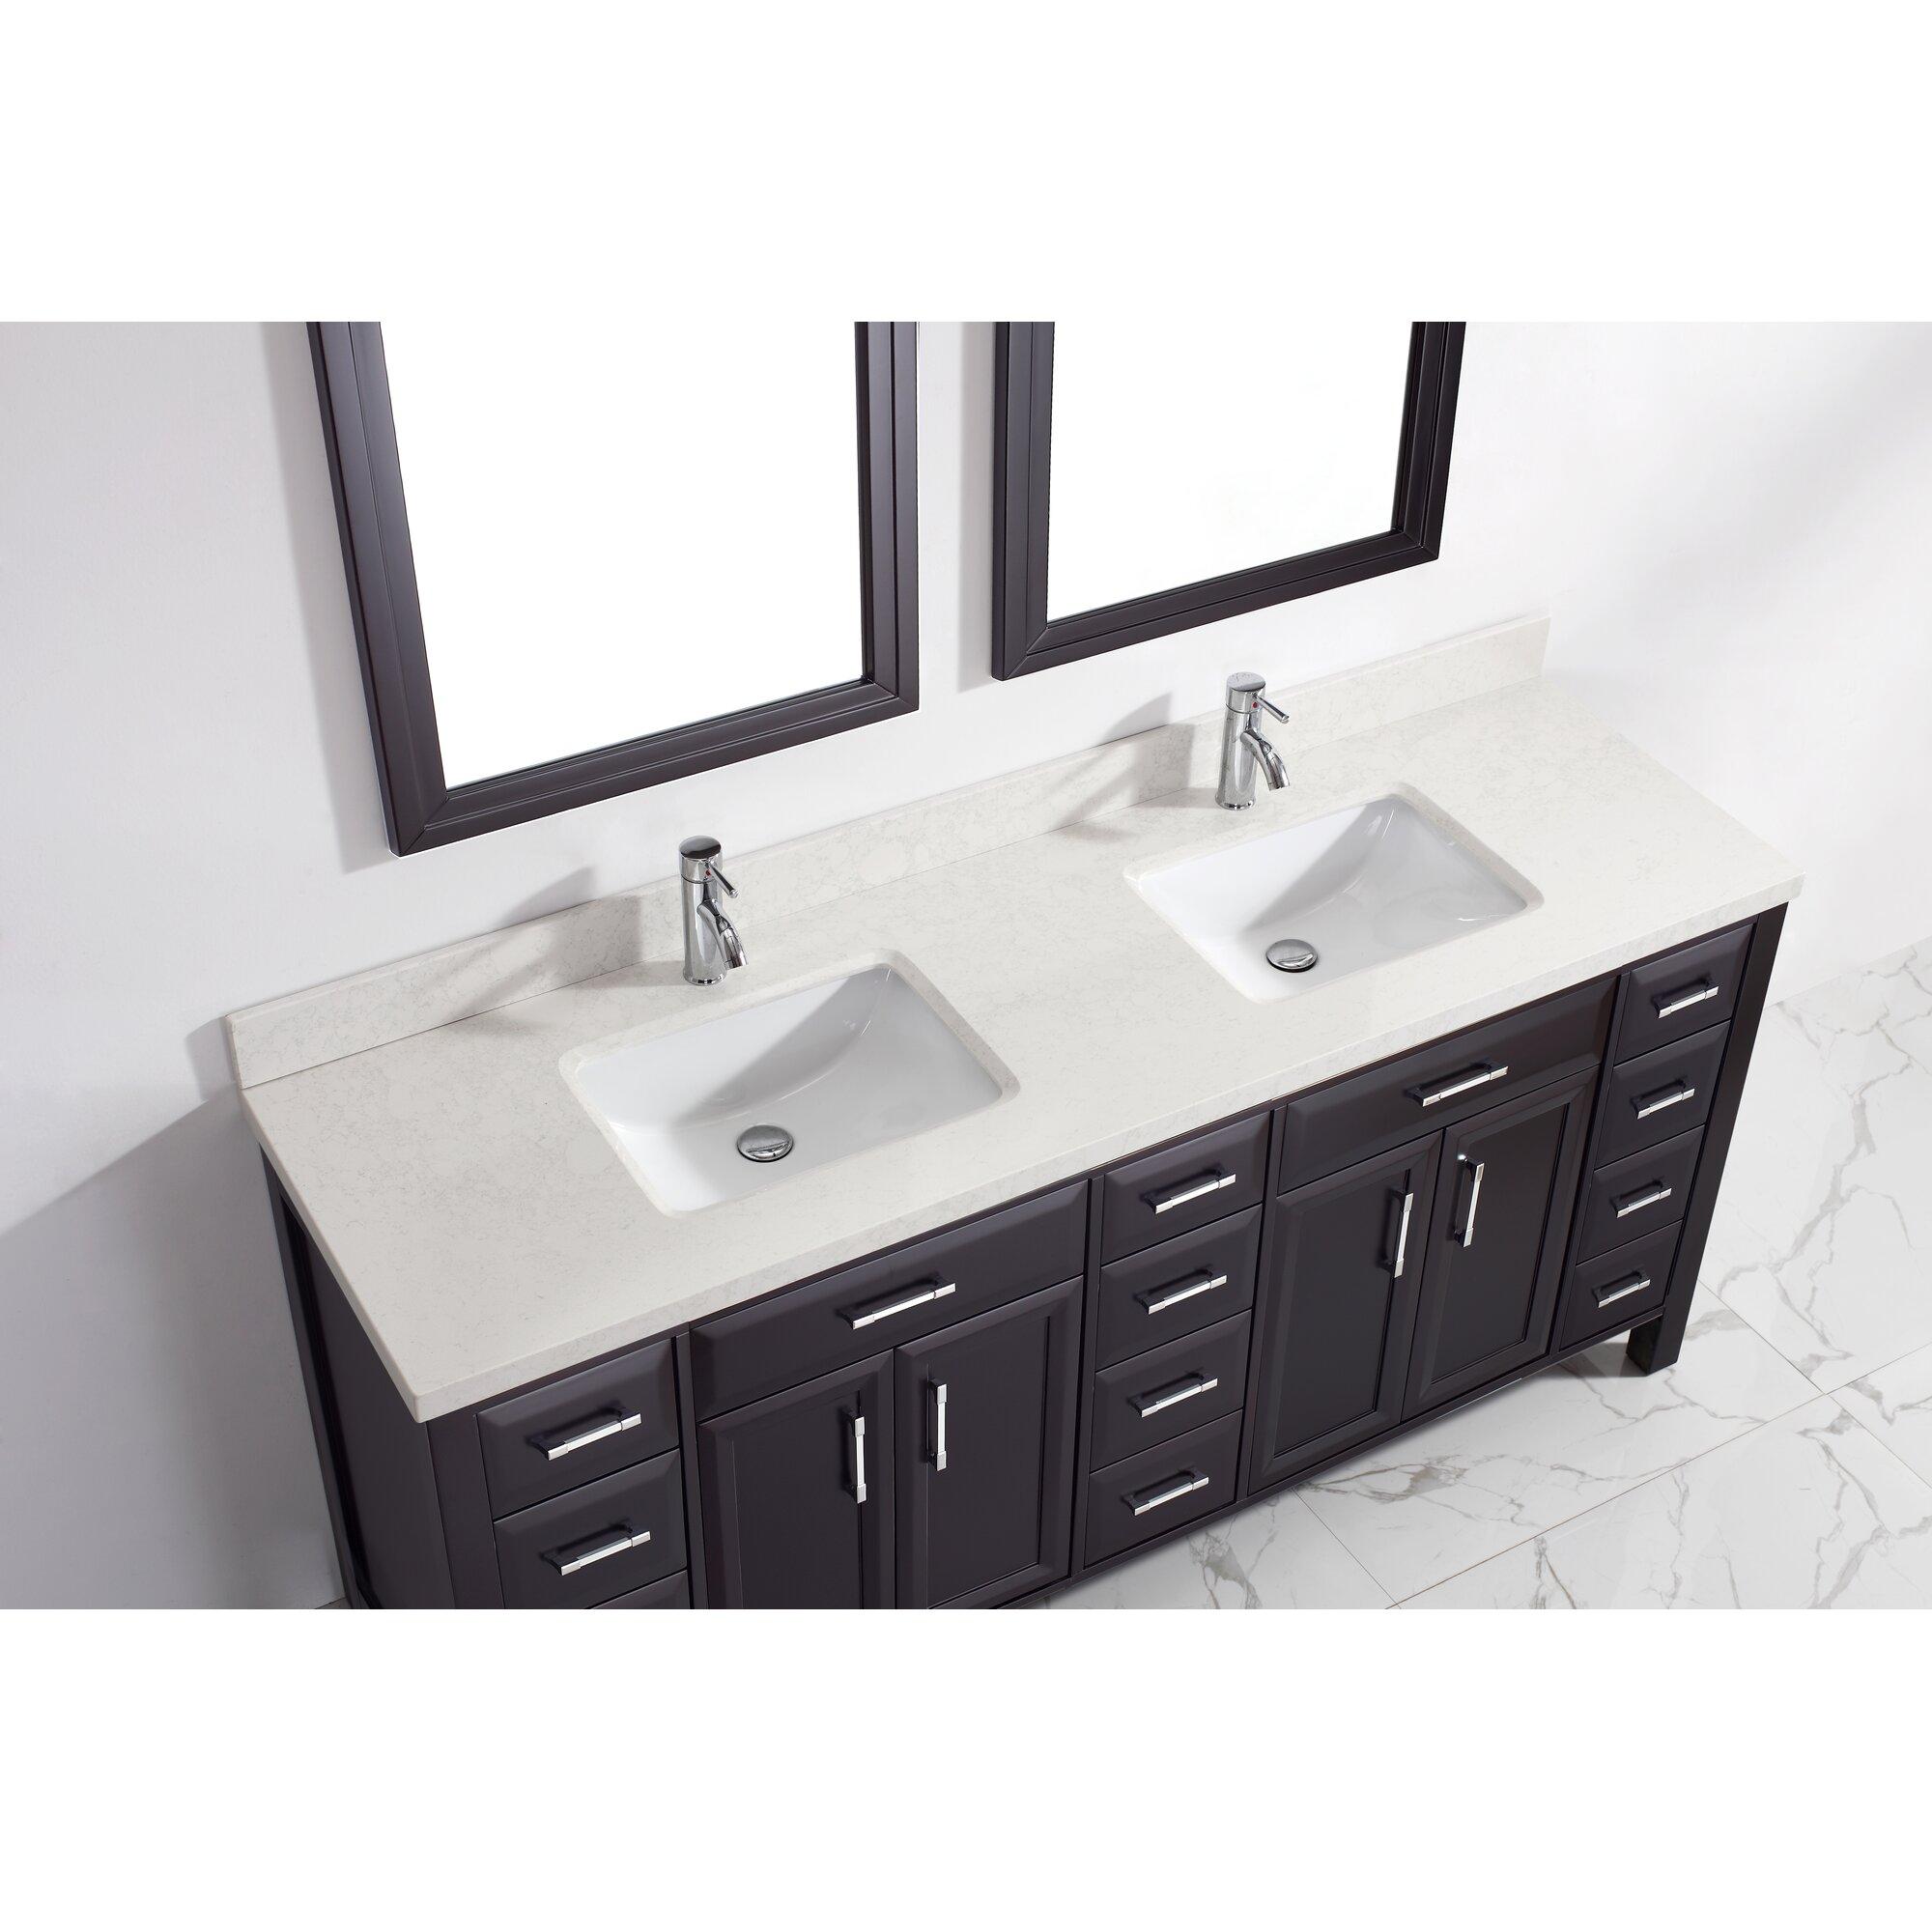 Double bathroom vanity - Caledonia 75 Double Bathroom Vanity Set